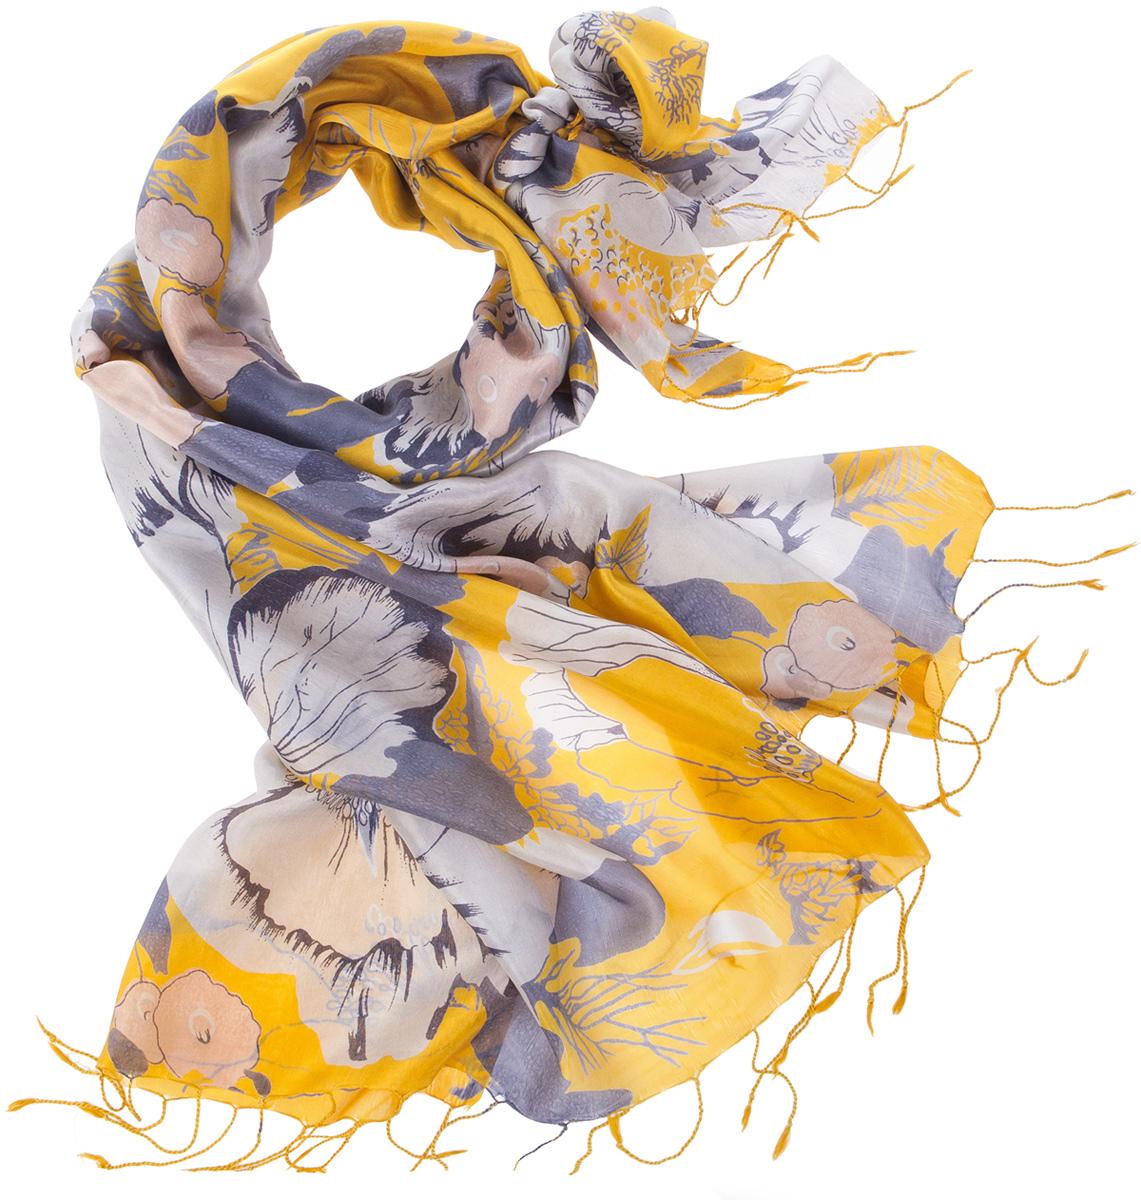 ПалантинS30-HIBIS.EXOTIC/GOLD.YELНарочито рыхлое плетение Plain тончайшей шелковой нитью Mulberry, нежная полупрозрачная ткань Chiffon. Вес изделия 60г (30 г/м2).